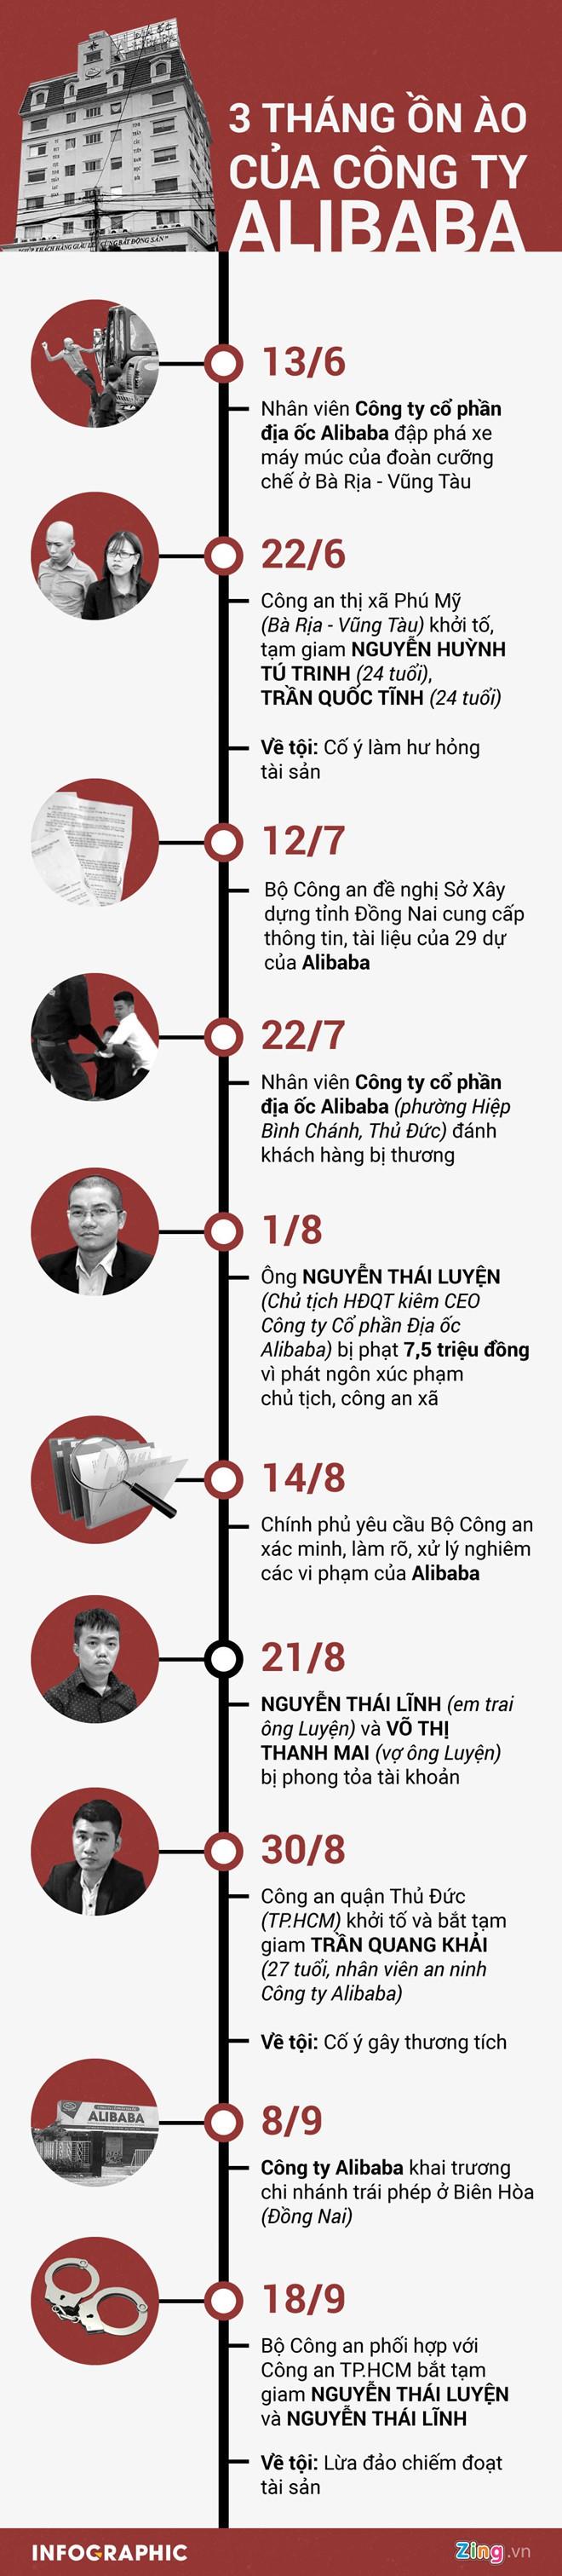 Nhân viên của Alibaba có vô can khi Nguyễn Thái Luyện bị bắt? - Ảnh 4.